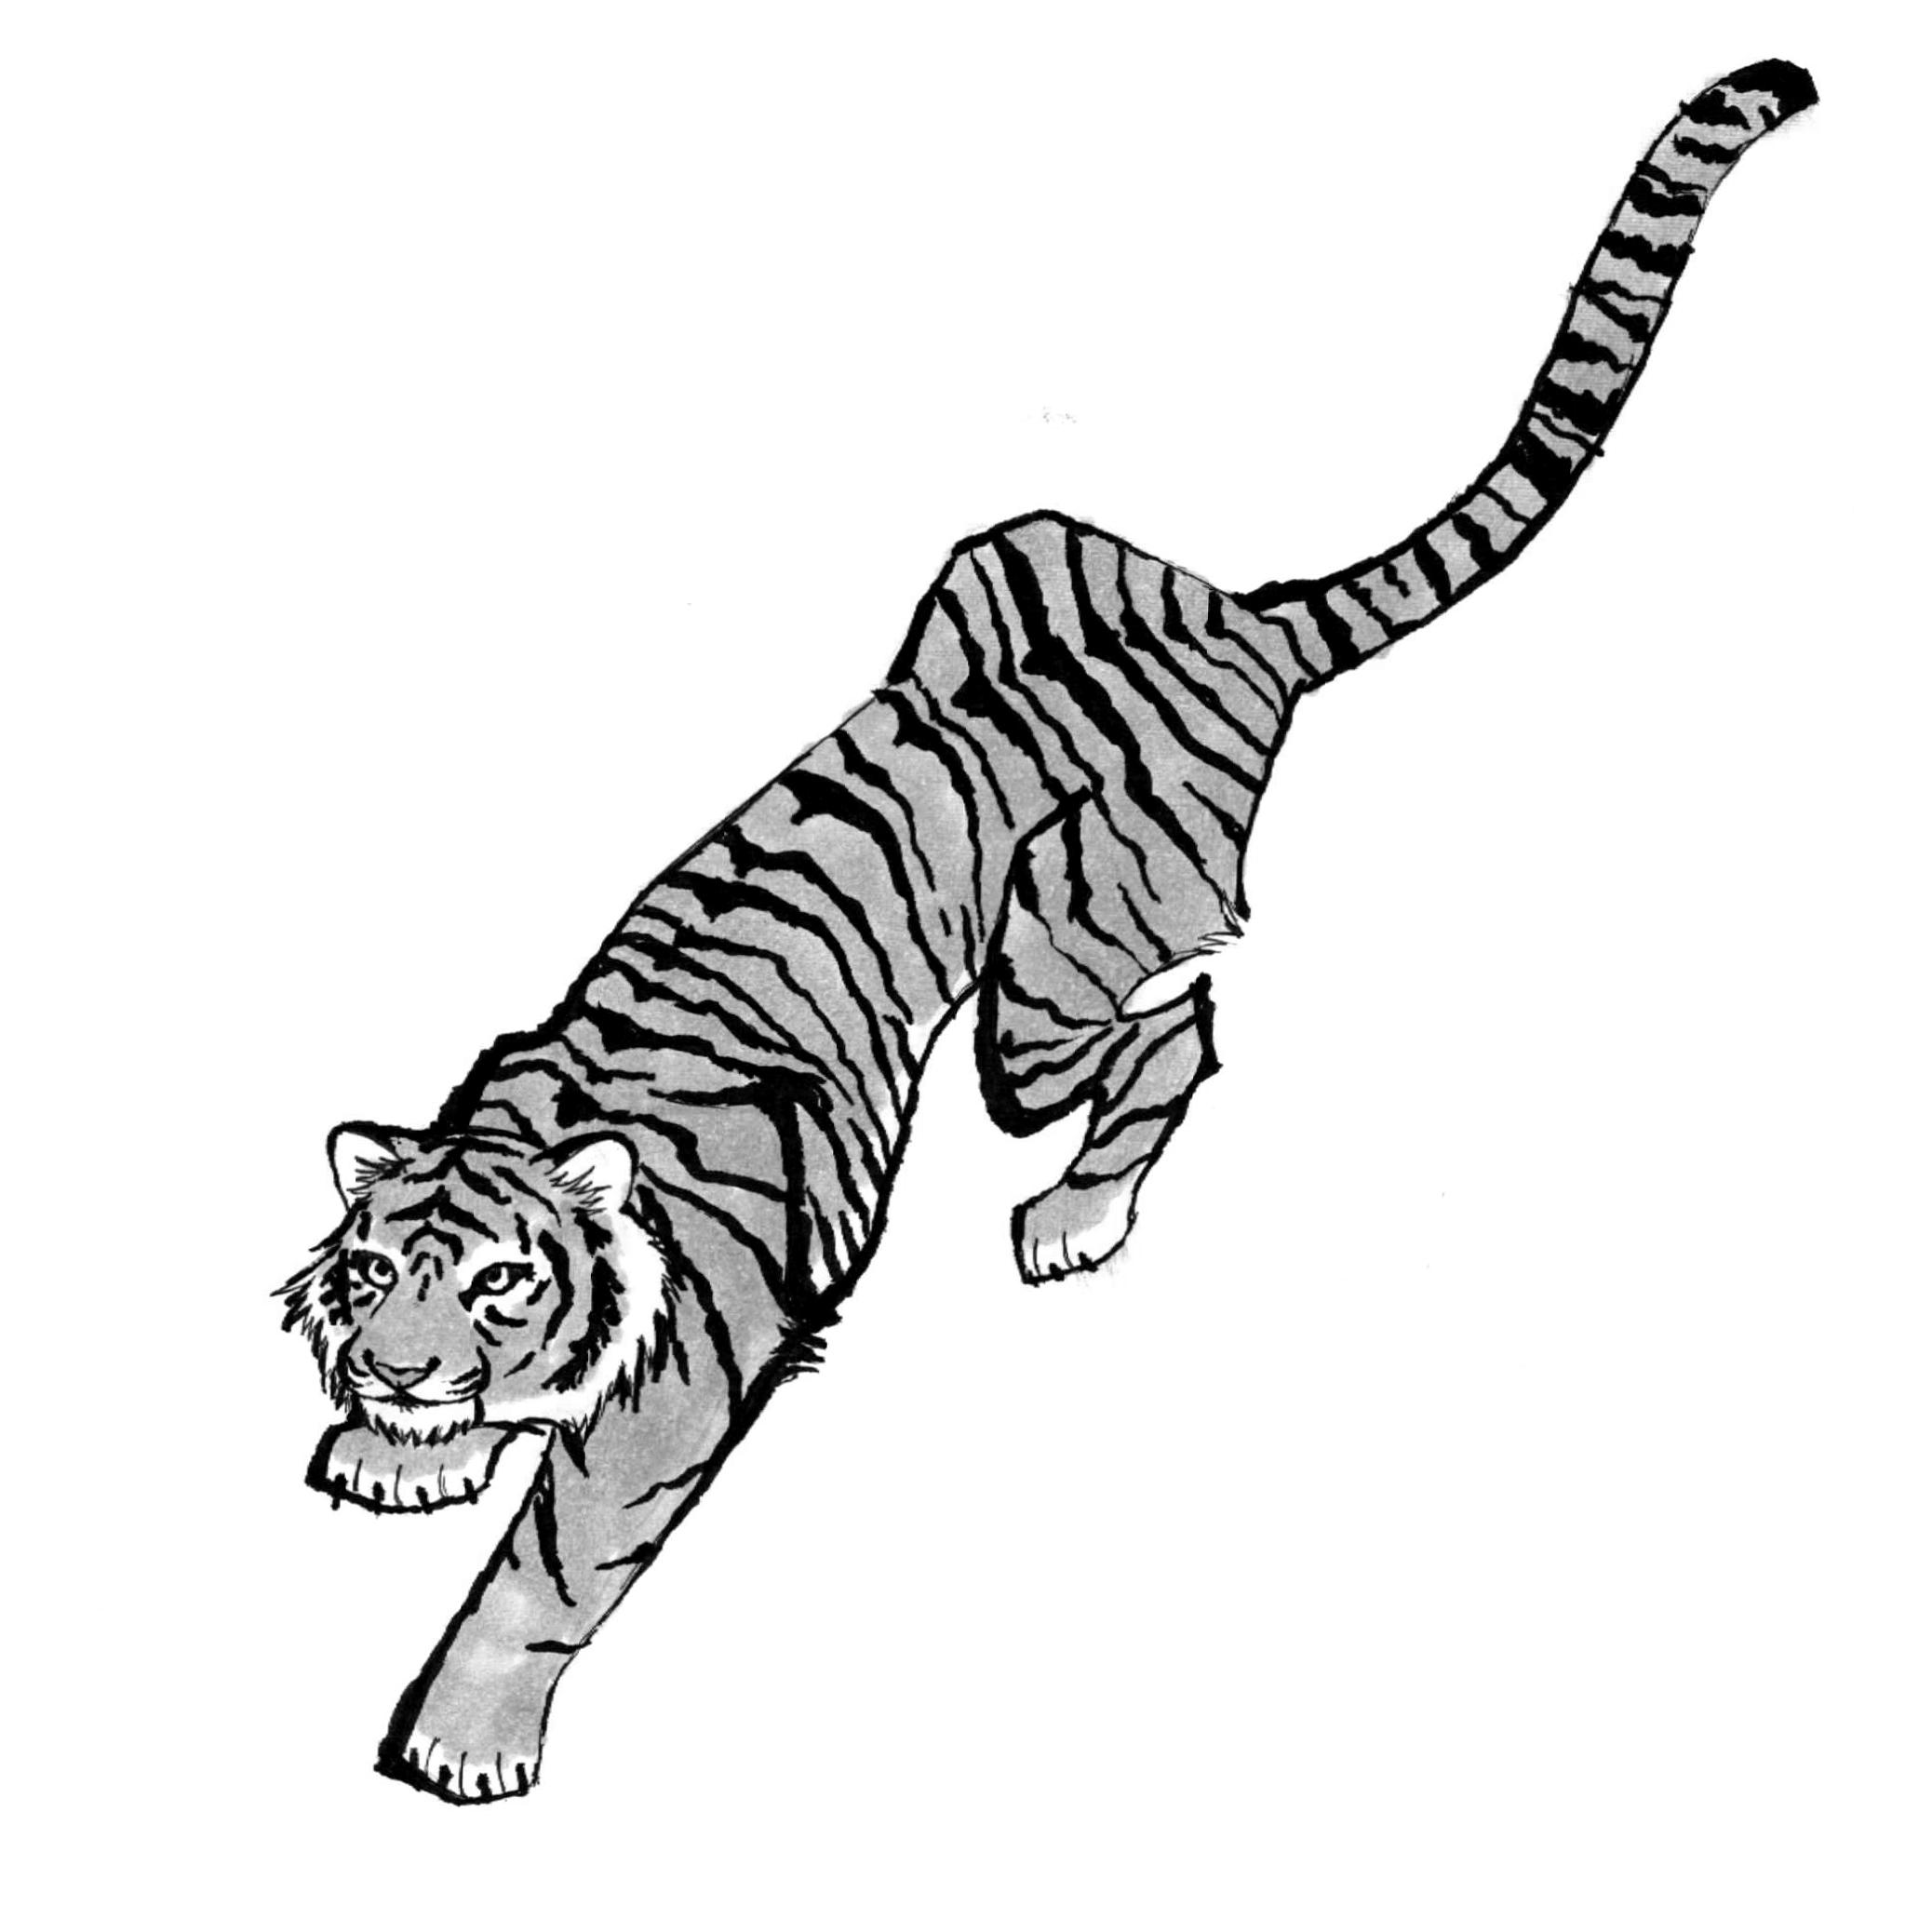 Day 27: Tiger